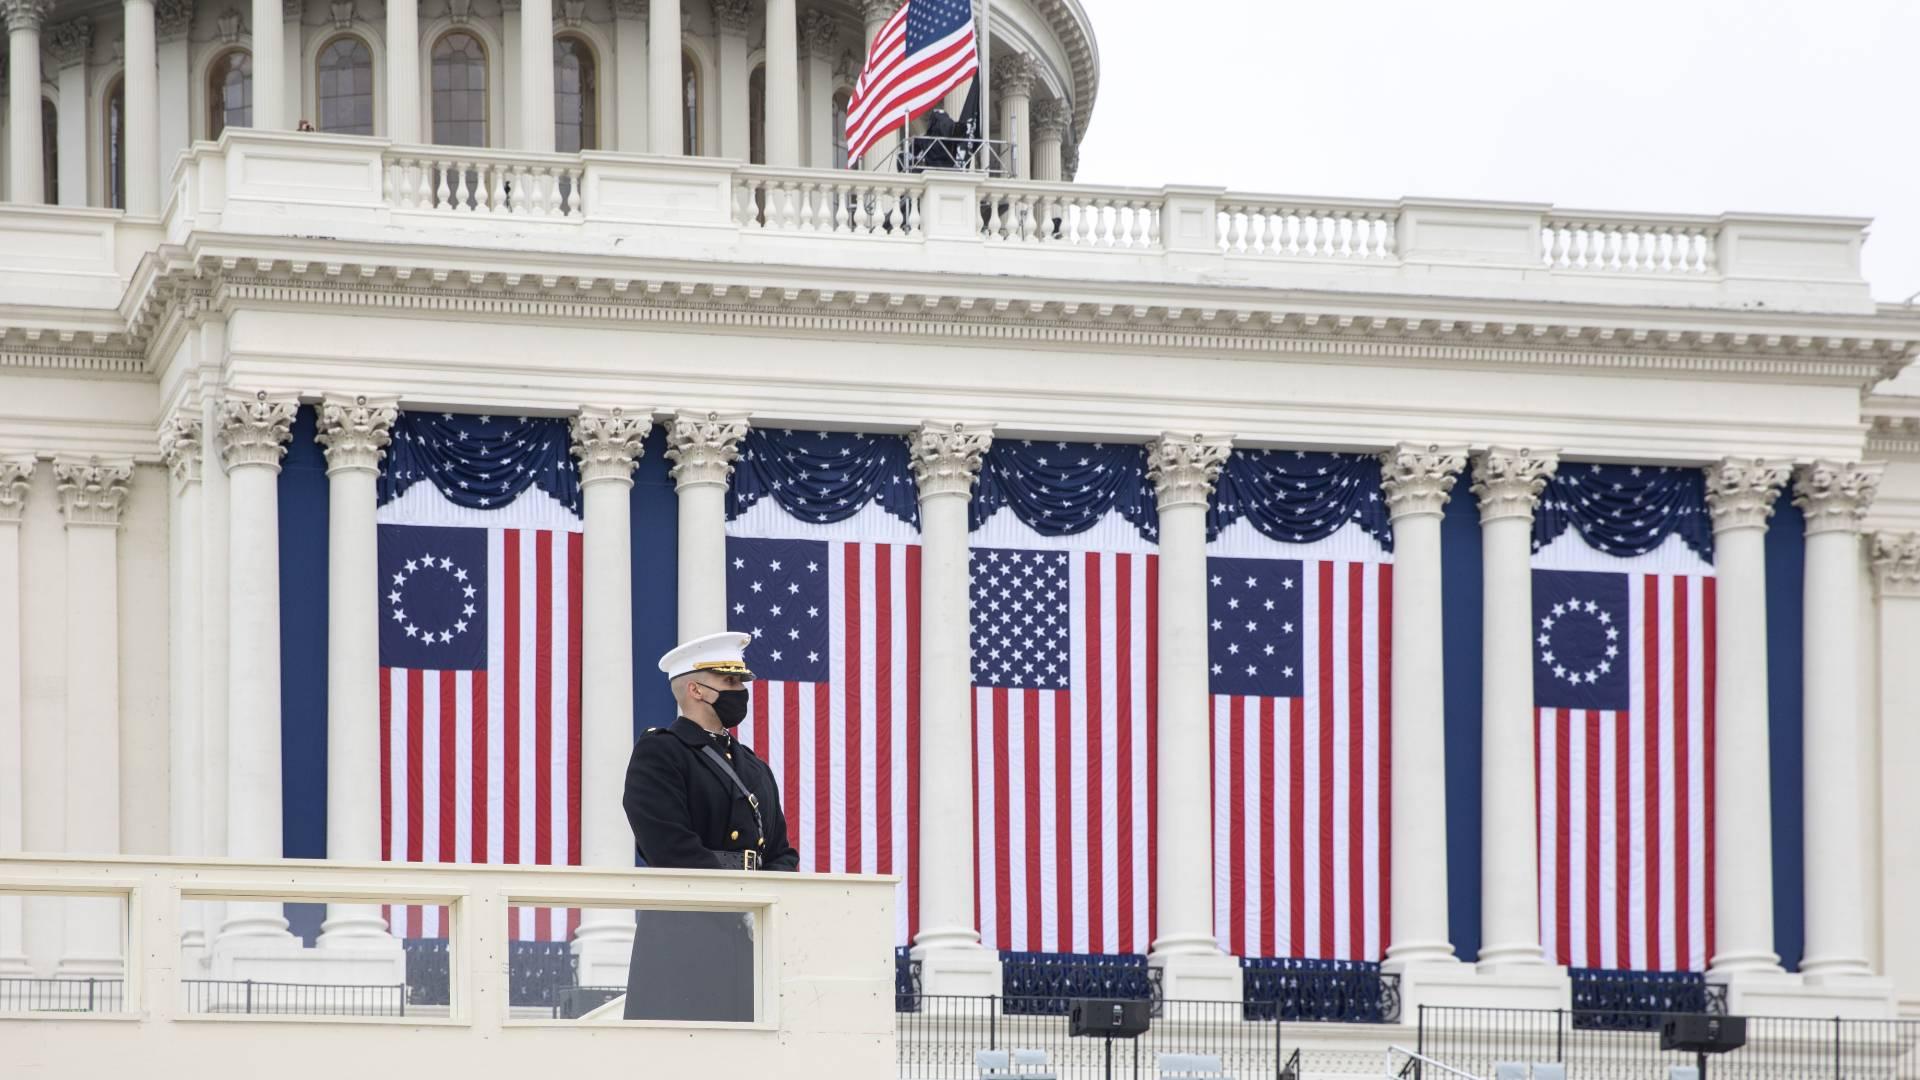 Курс Байдена. Чем инаугурация нового президента обернётся для доллара